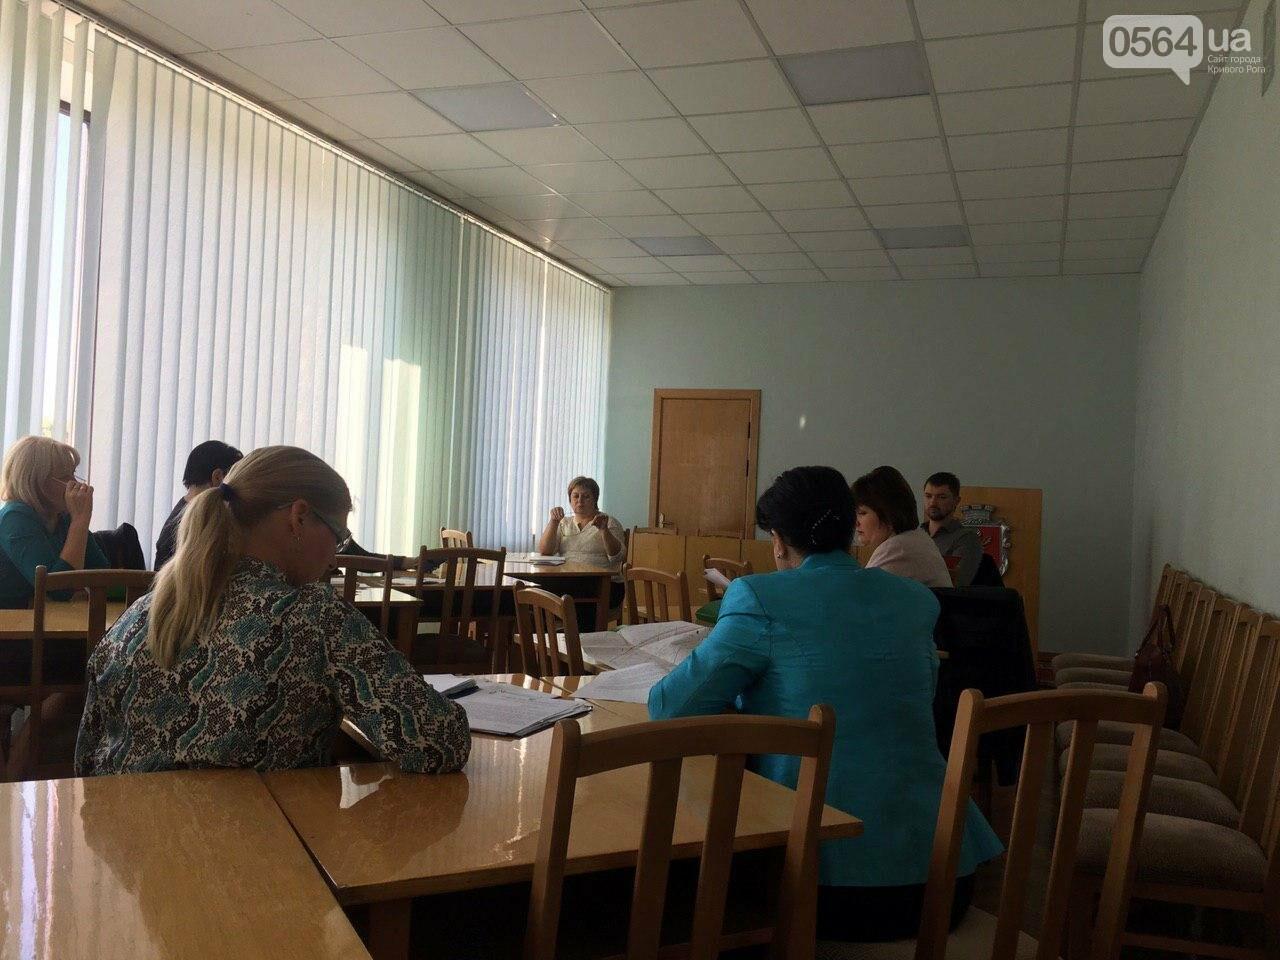 Депутаты Криворожского горсовета обсудили, куда и когда перенесут из зоны обрушения детский сад, - ФОТО , фото-19